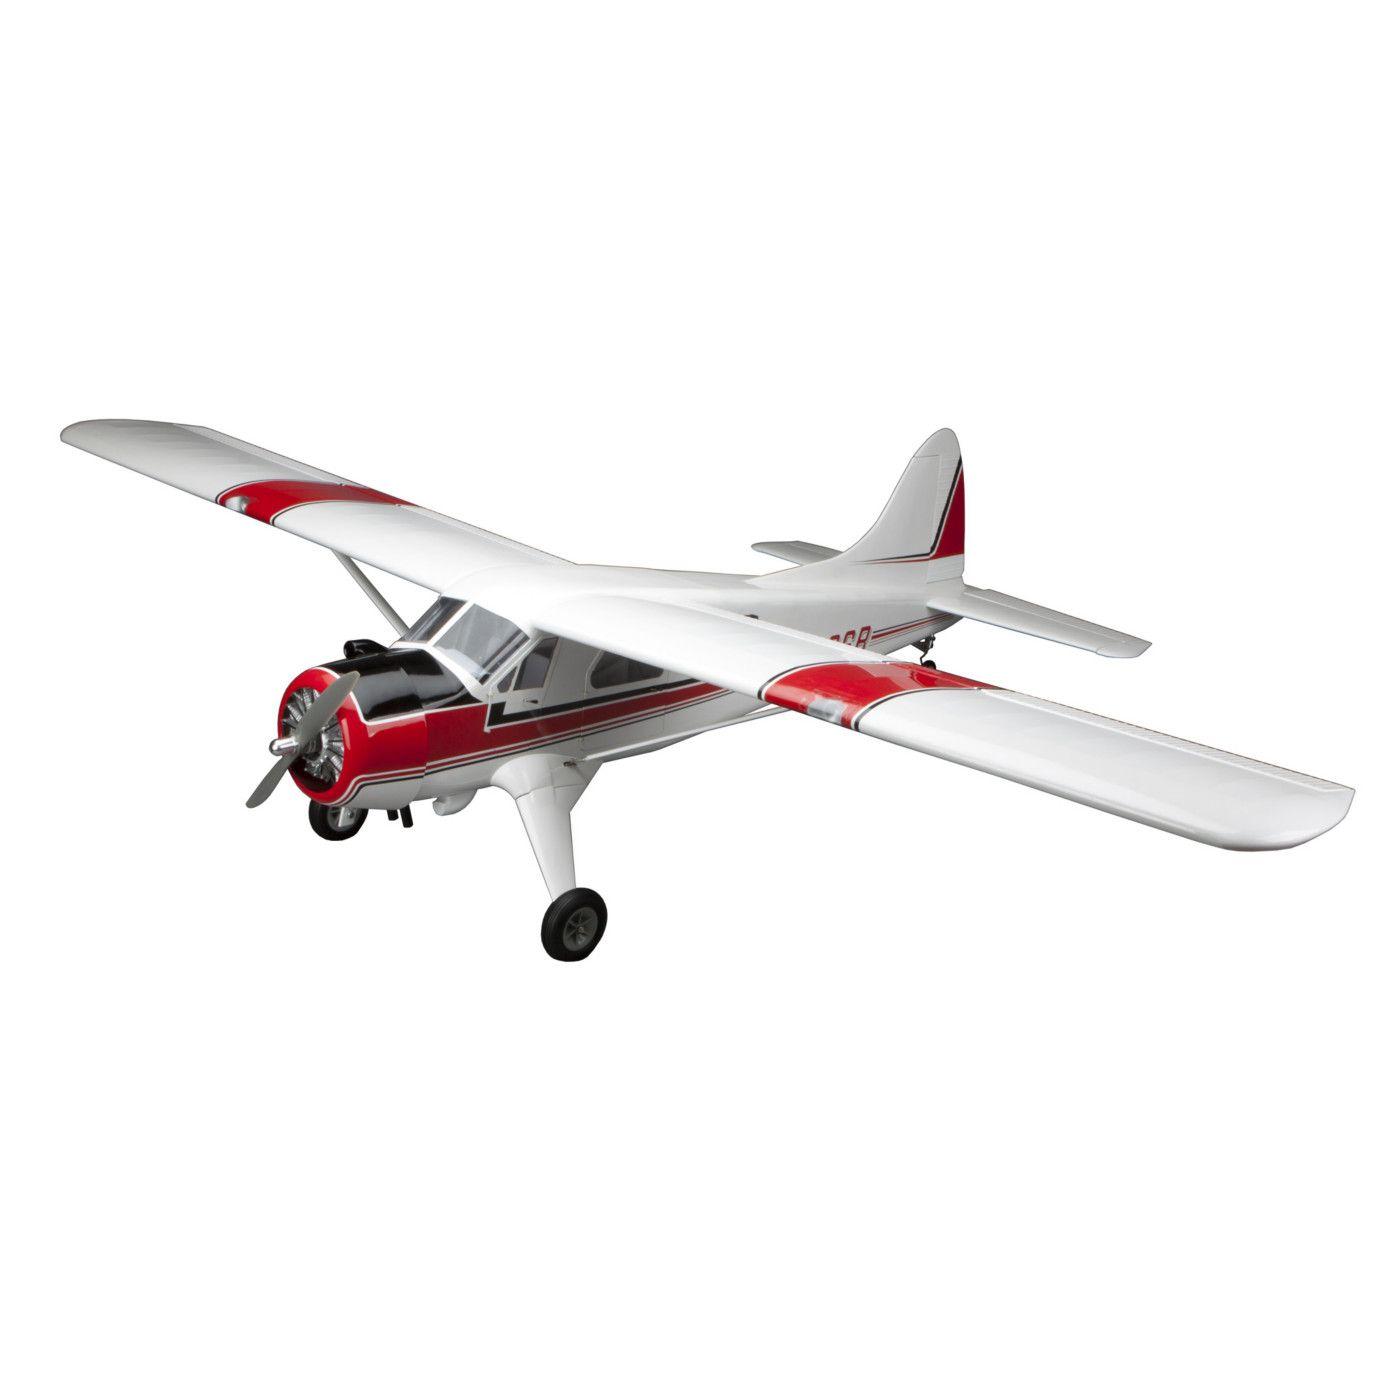 Hangar 9 DHC-2 Beaver 30cc ARF Giant-Scale RC Airplane